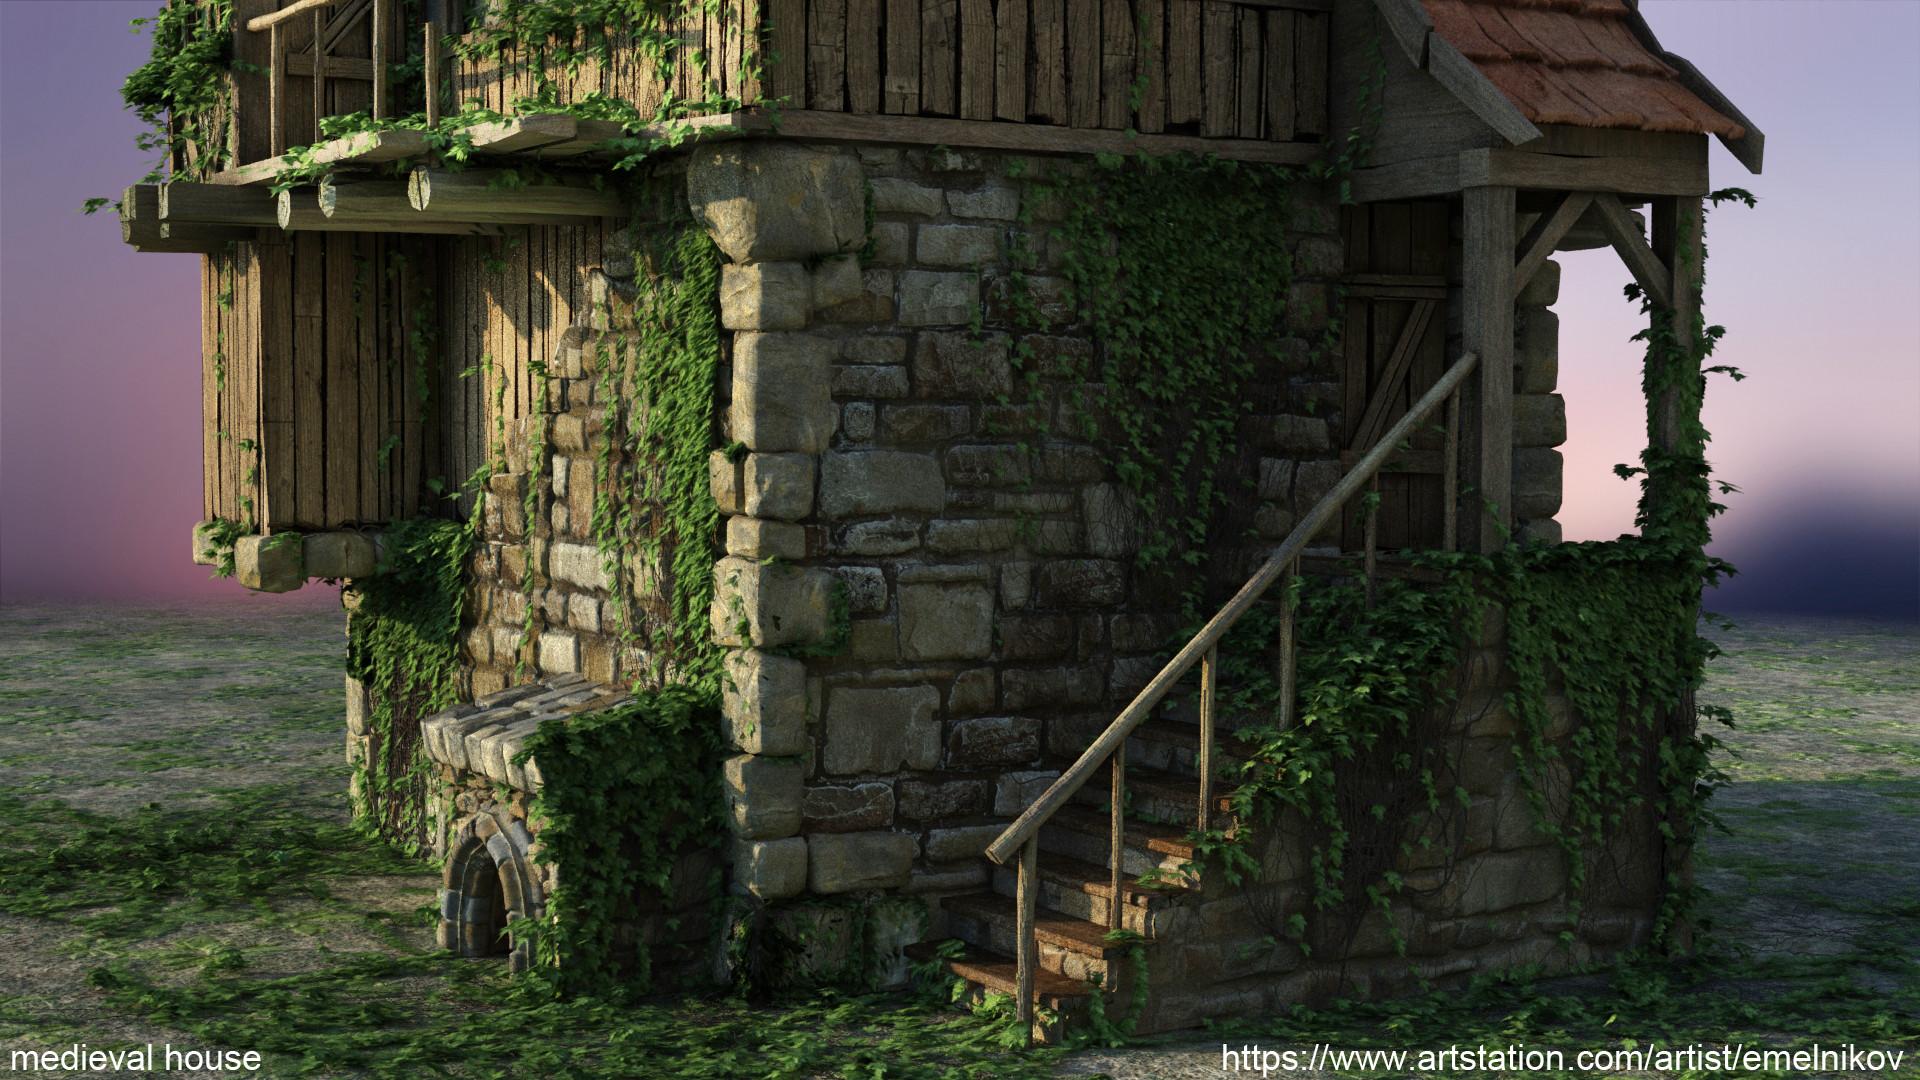 Eugene melnikov medieval house1 render frm4